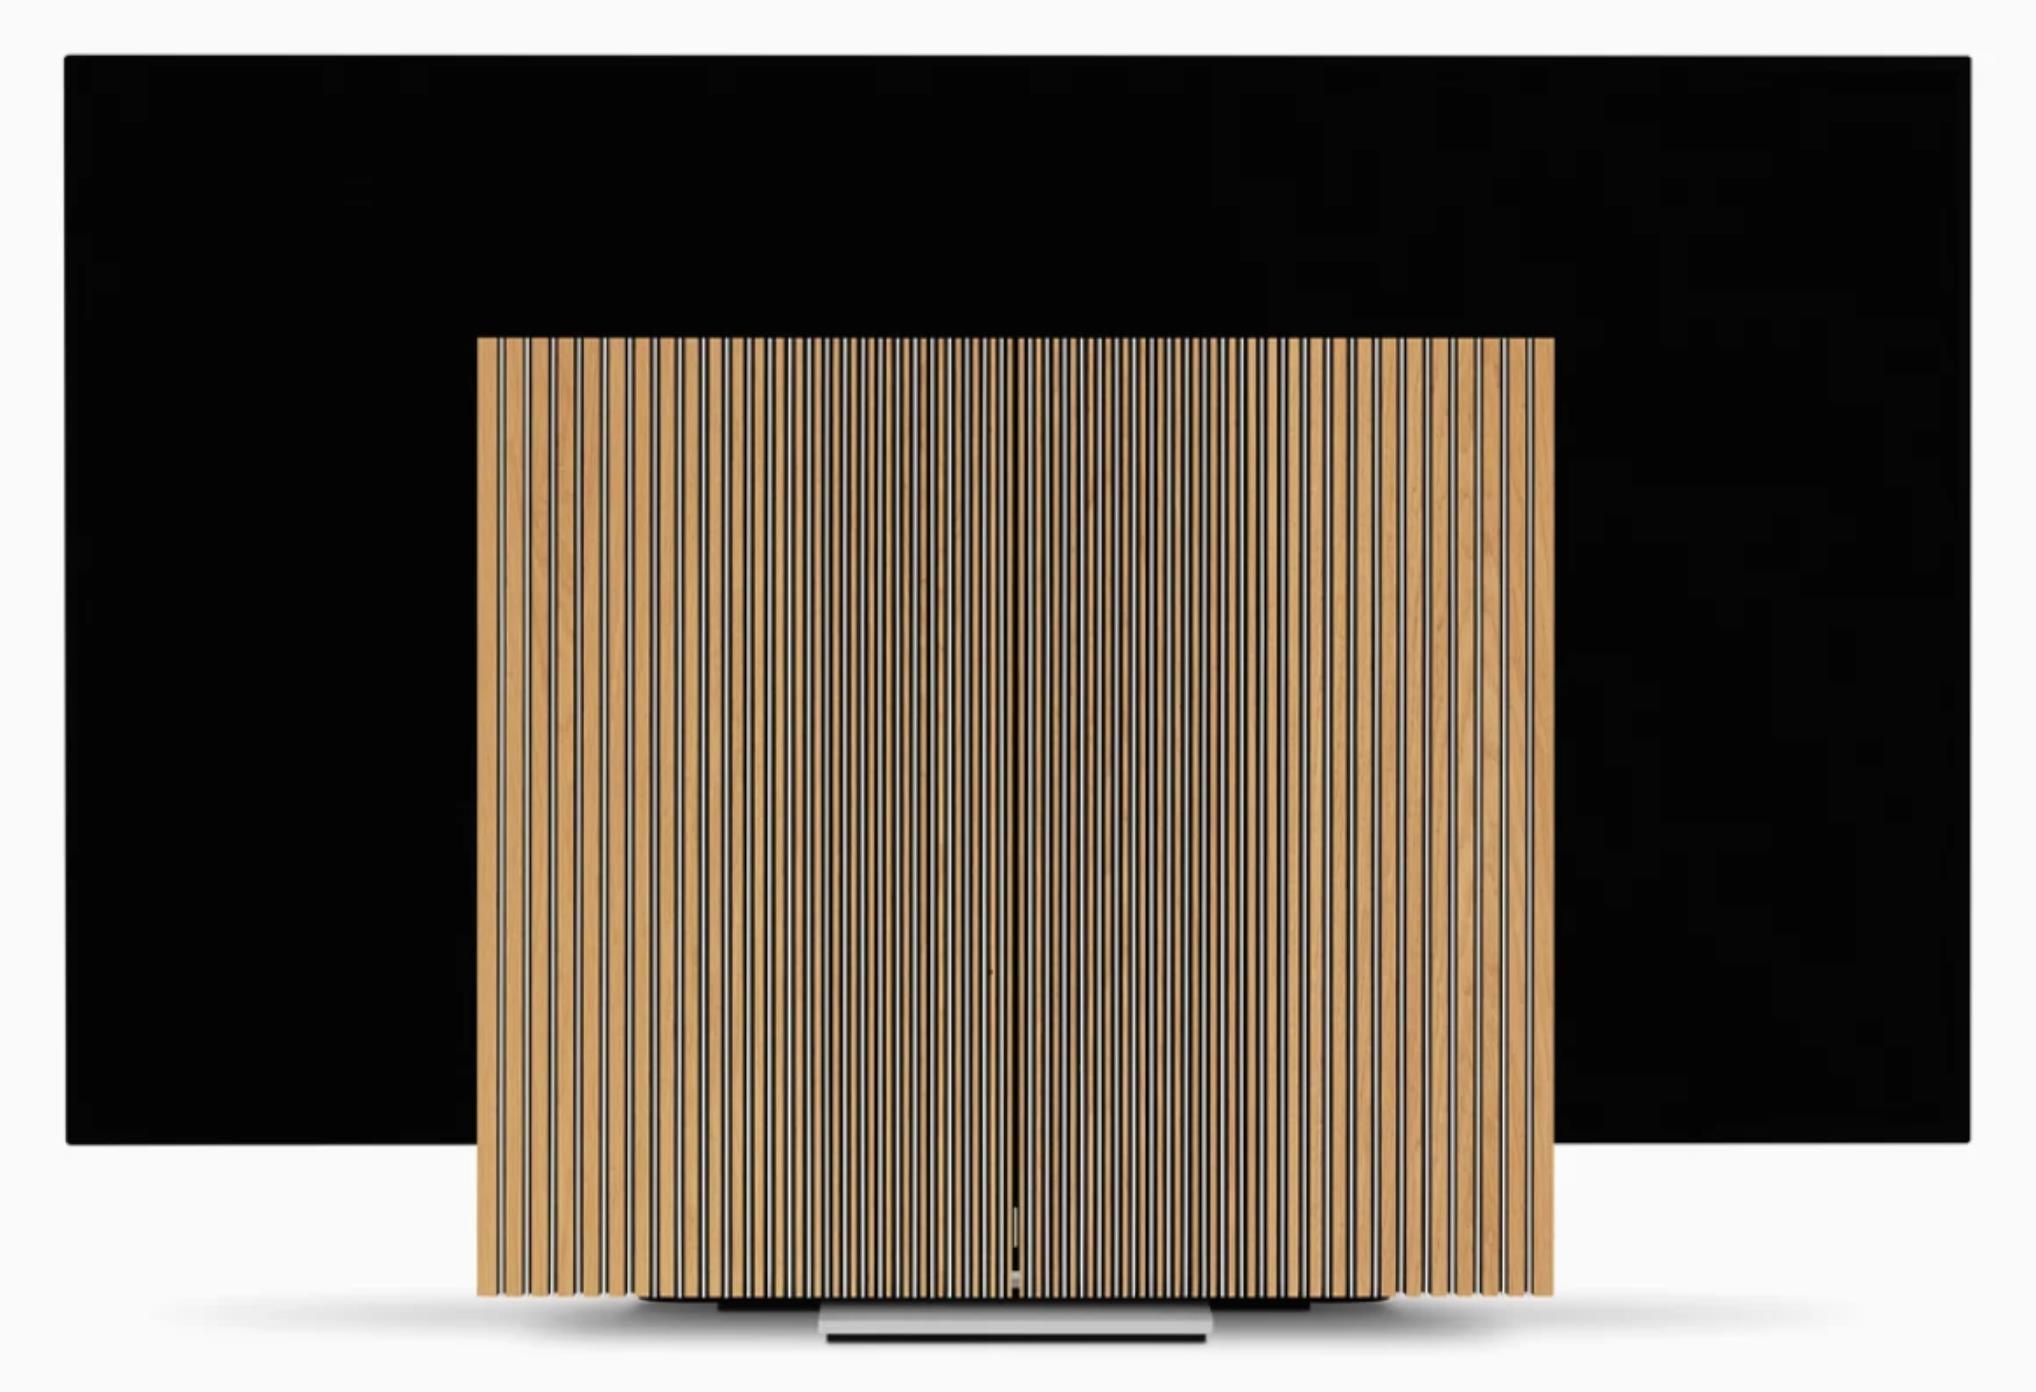 可像蝴蝶一样展开的电视?B&O推出电视新品,售价高达14万